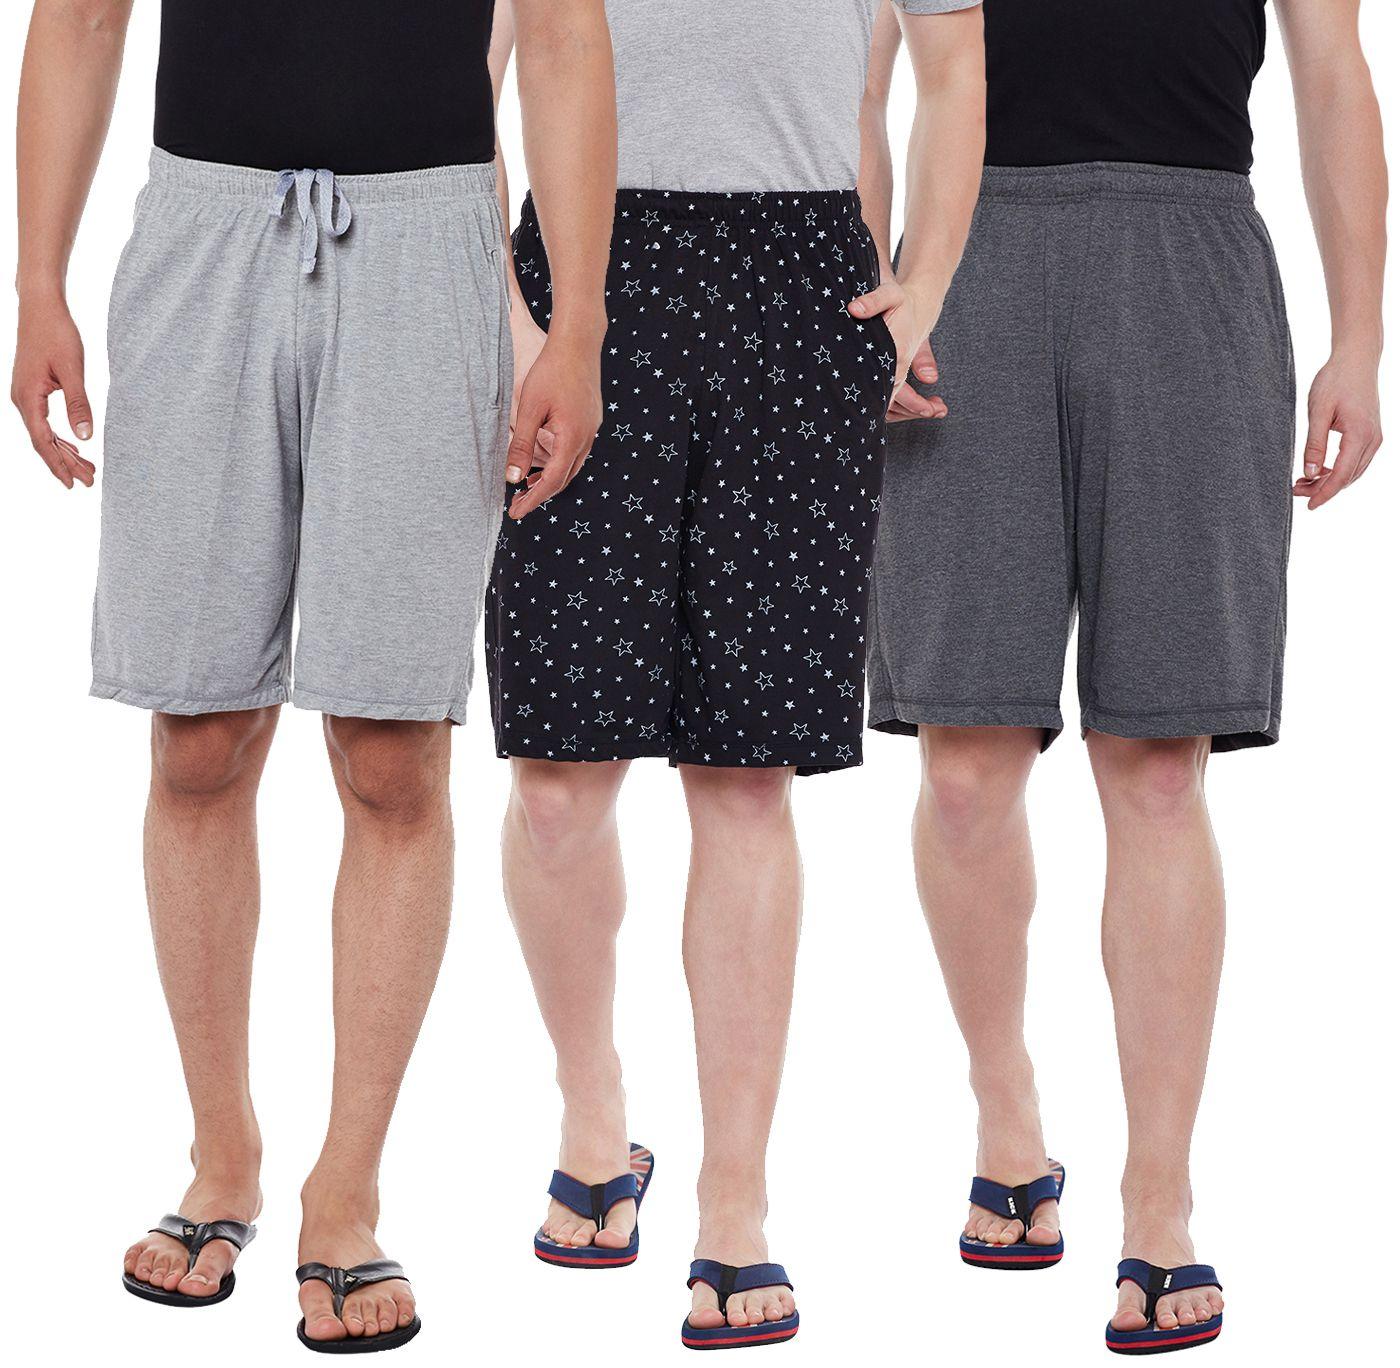 Vimal Jonney Multi Shorts Pack Of 3